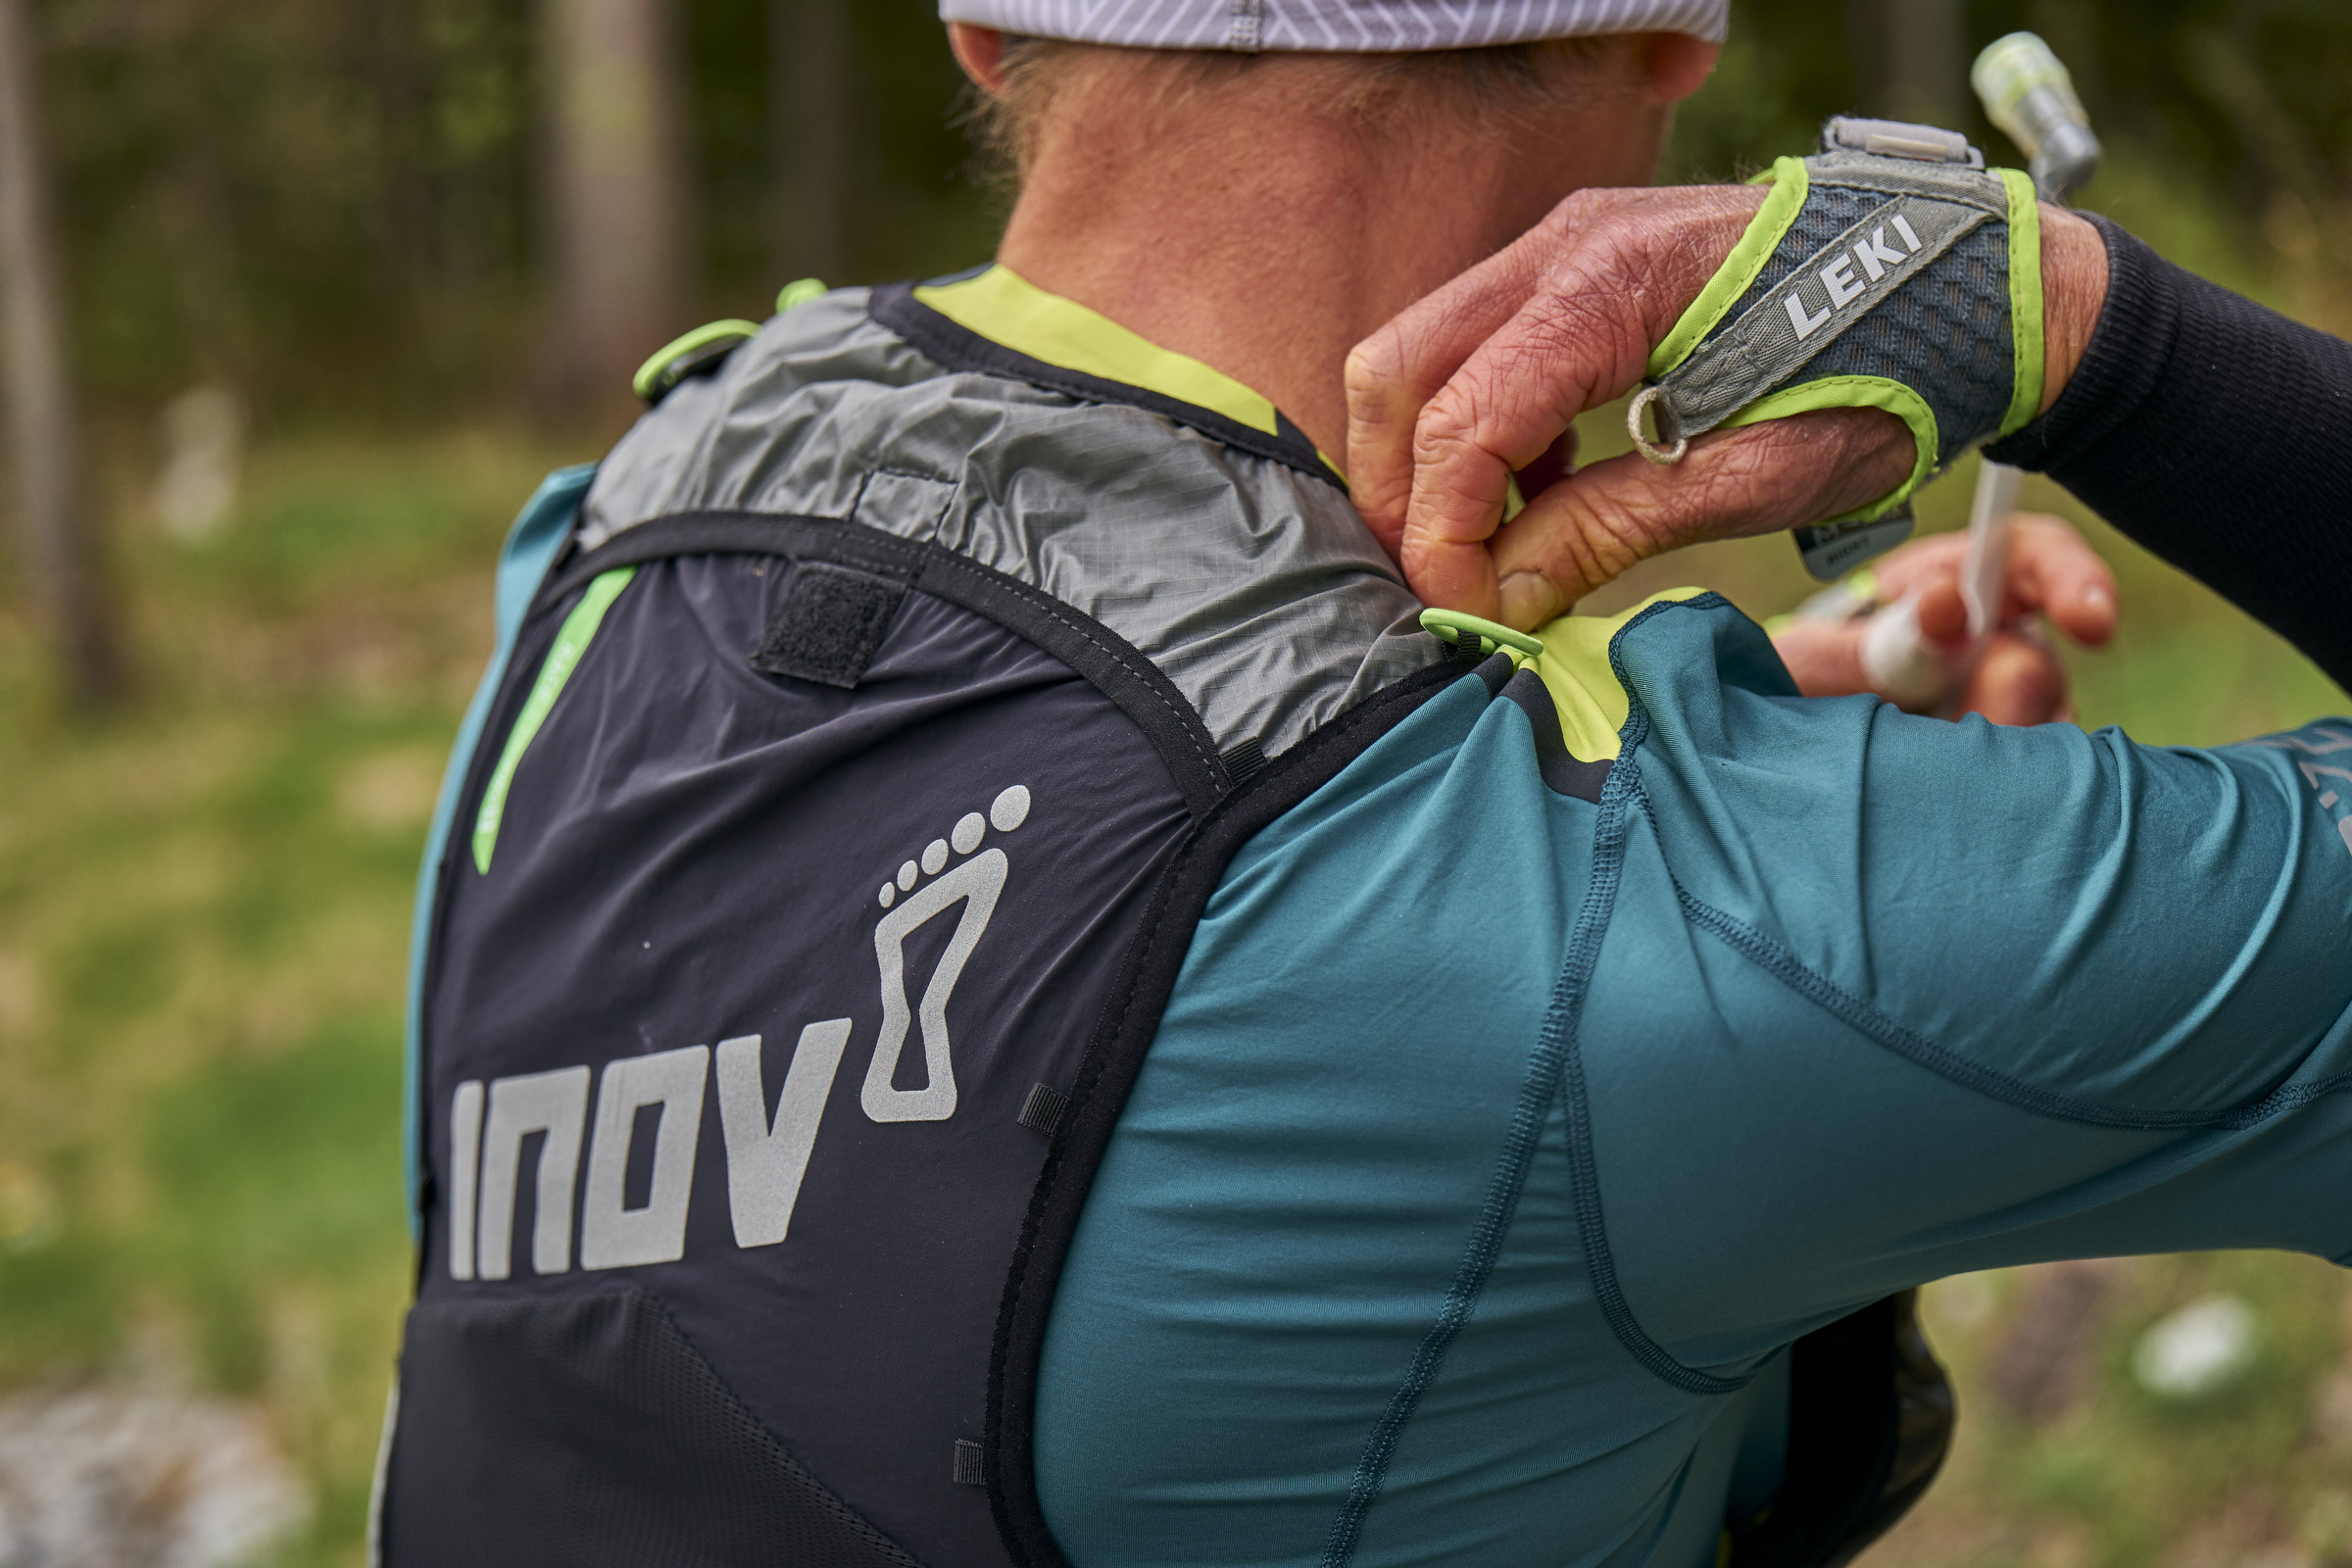 xc-runde Hîllensteinsee-221 - Naked Running Vest HC